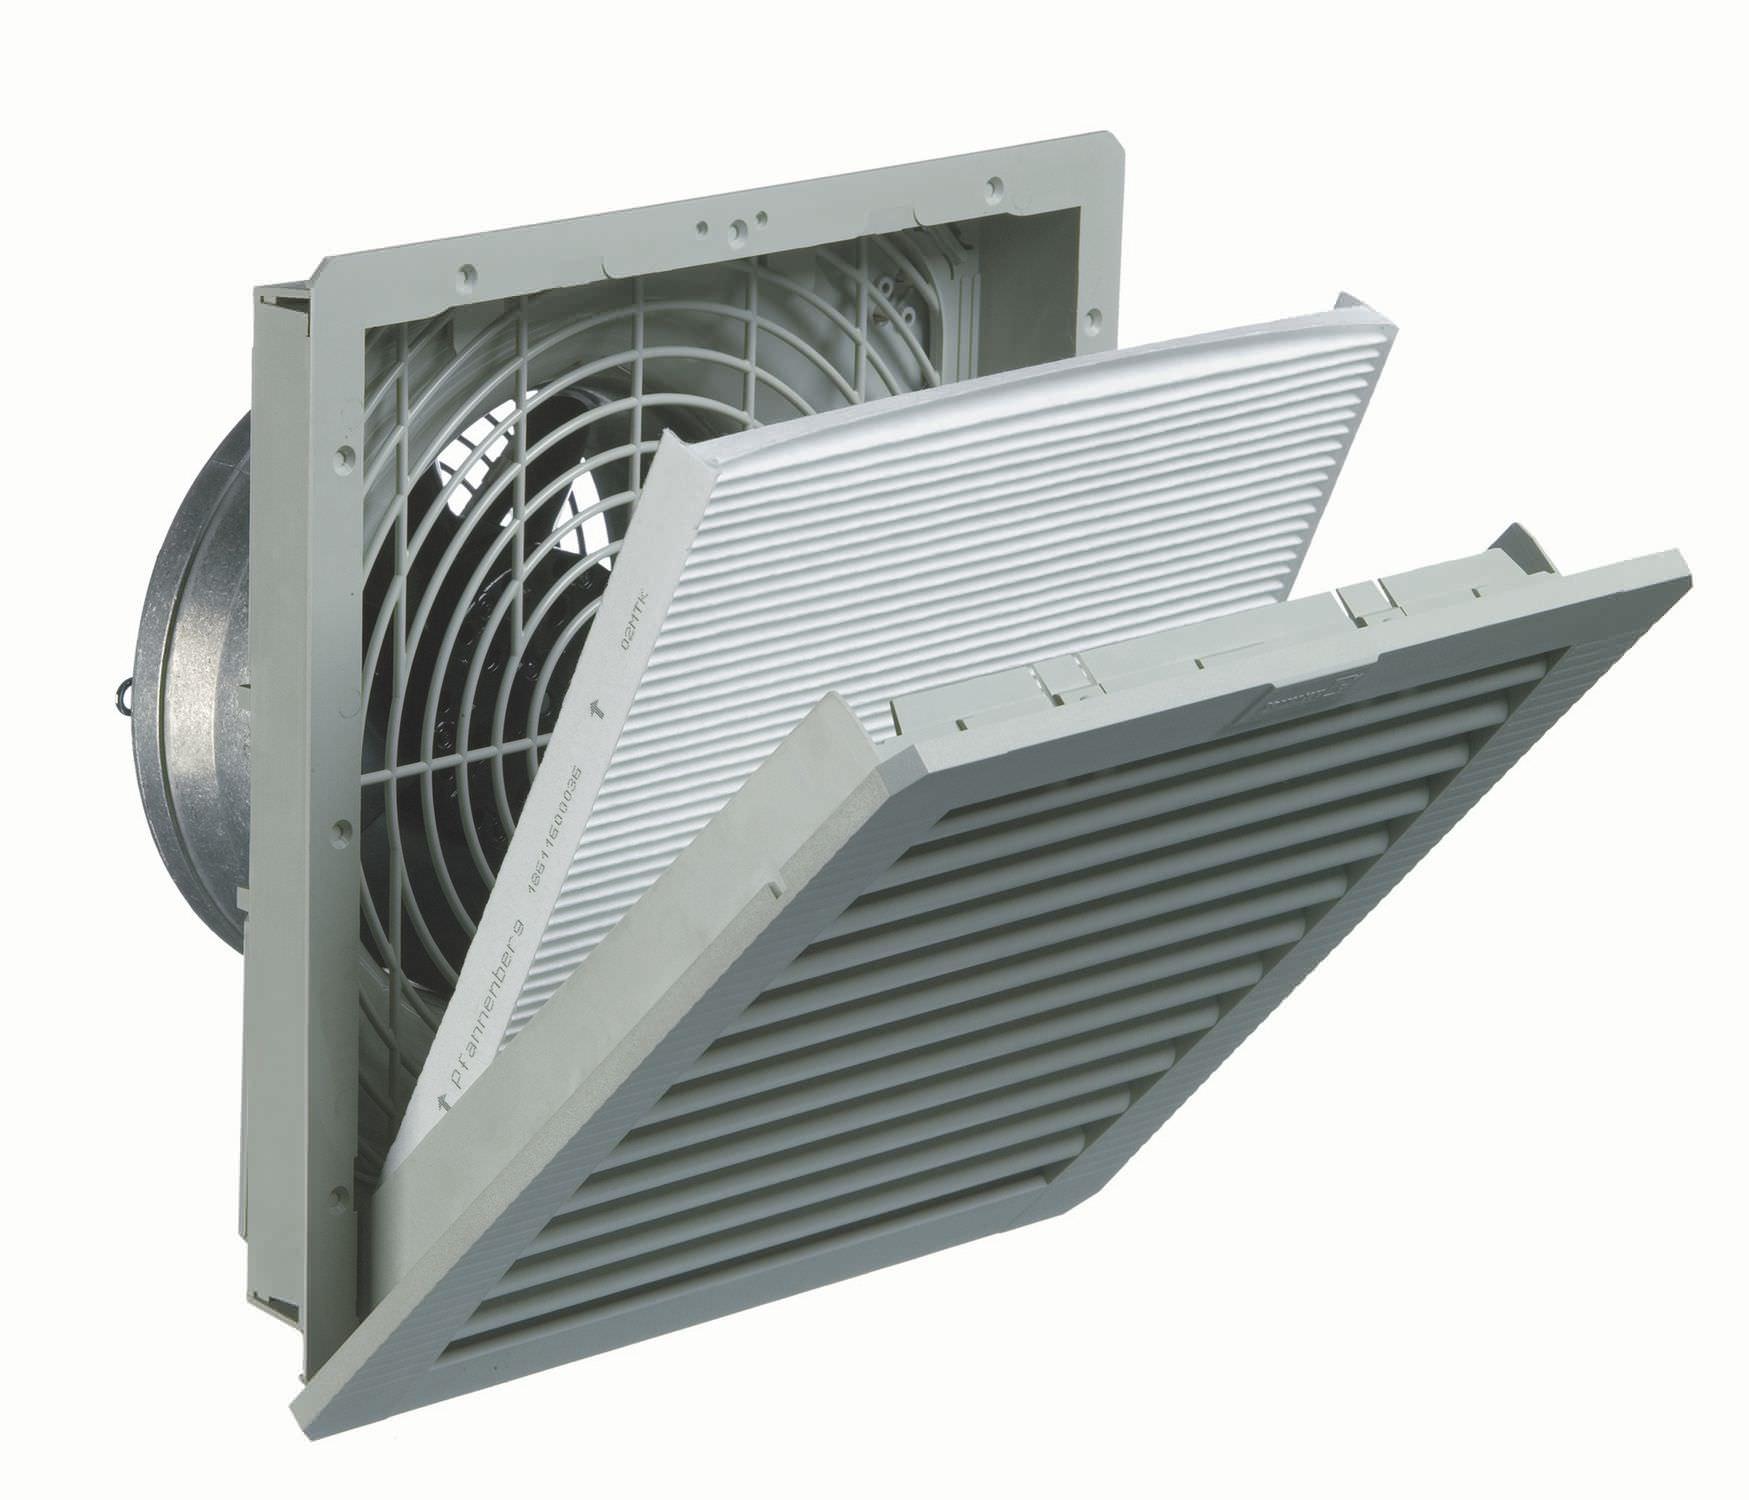 ventilateur pour armoire electrique axial ip54 ip55 pf 43 000